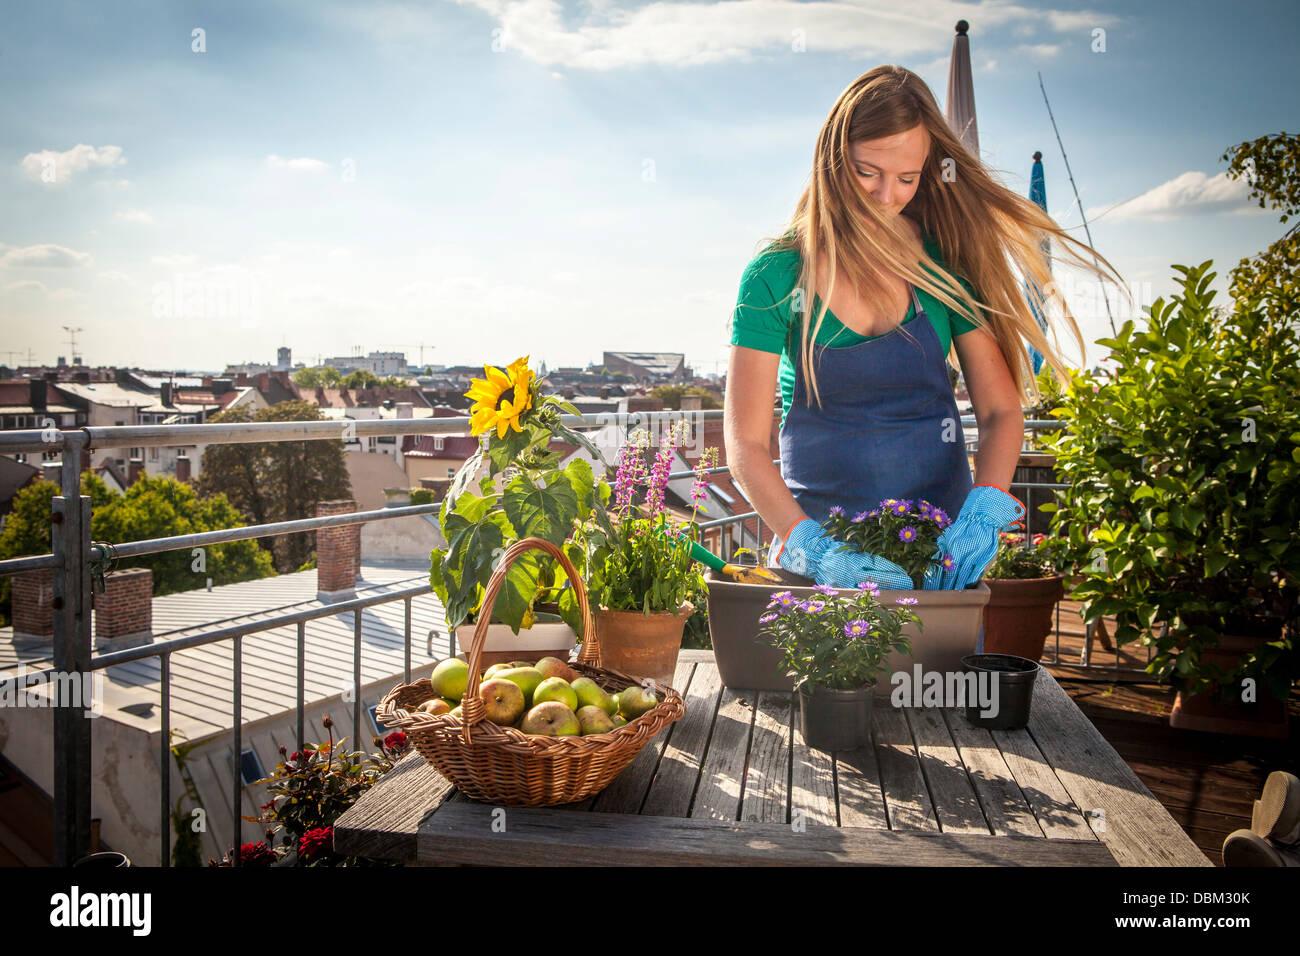 Frau auf dem Balkon Pflanzen Flower Box, München, Bayern, Deutschland, Europa Stockbild